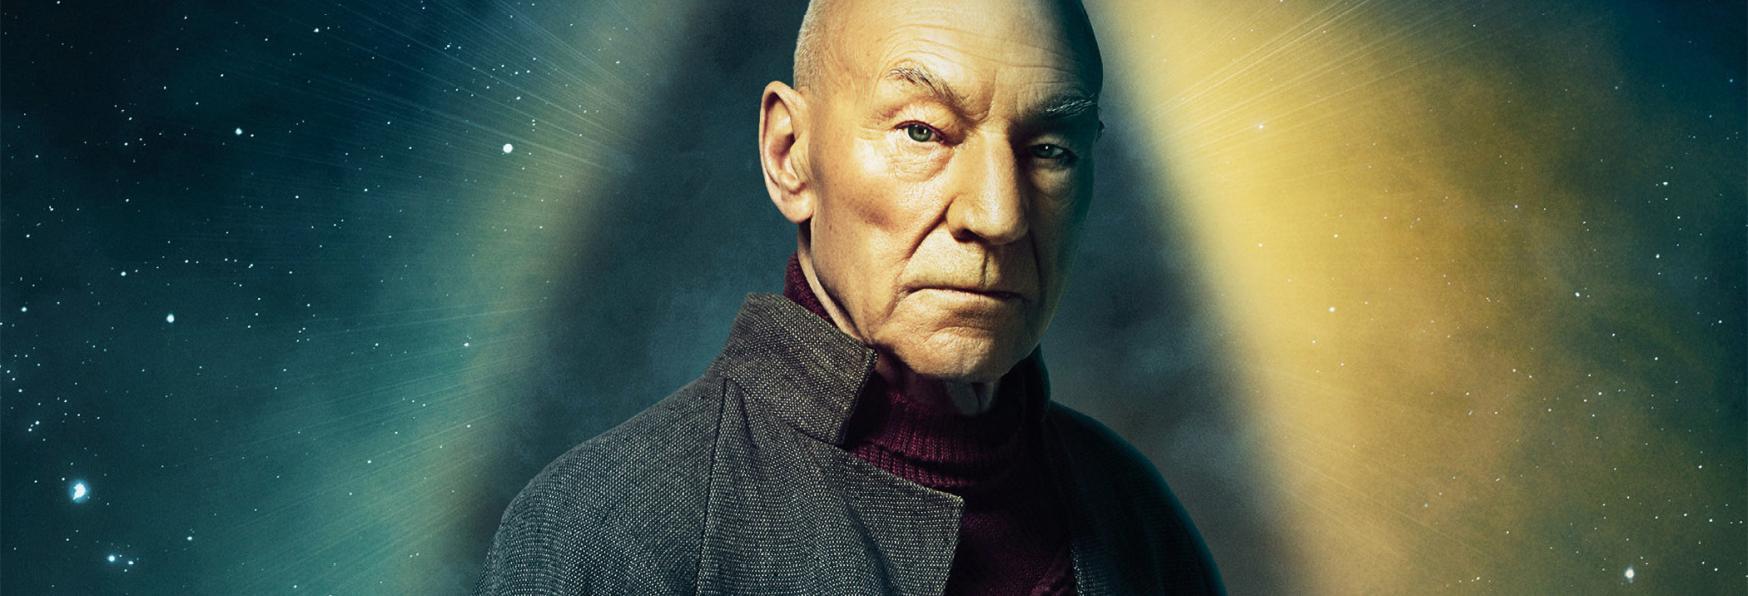 Star Trek: Picard - Lo Showrunner parla di un Eventuale Ritorno a Episodi Autoconclusivi